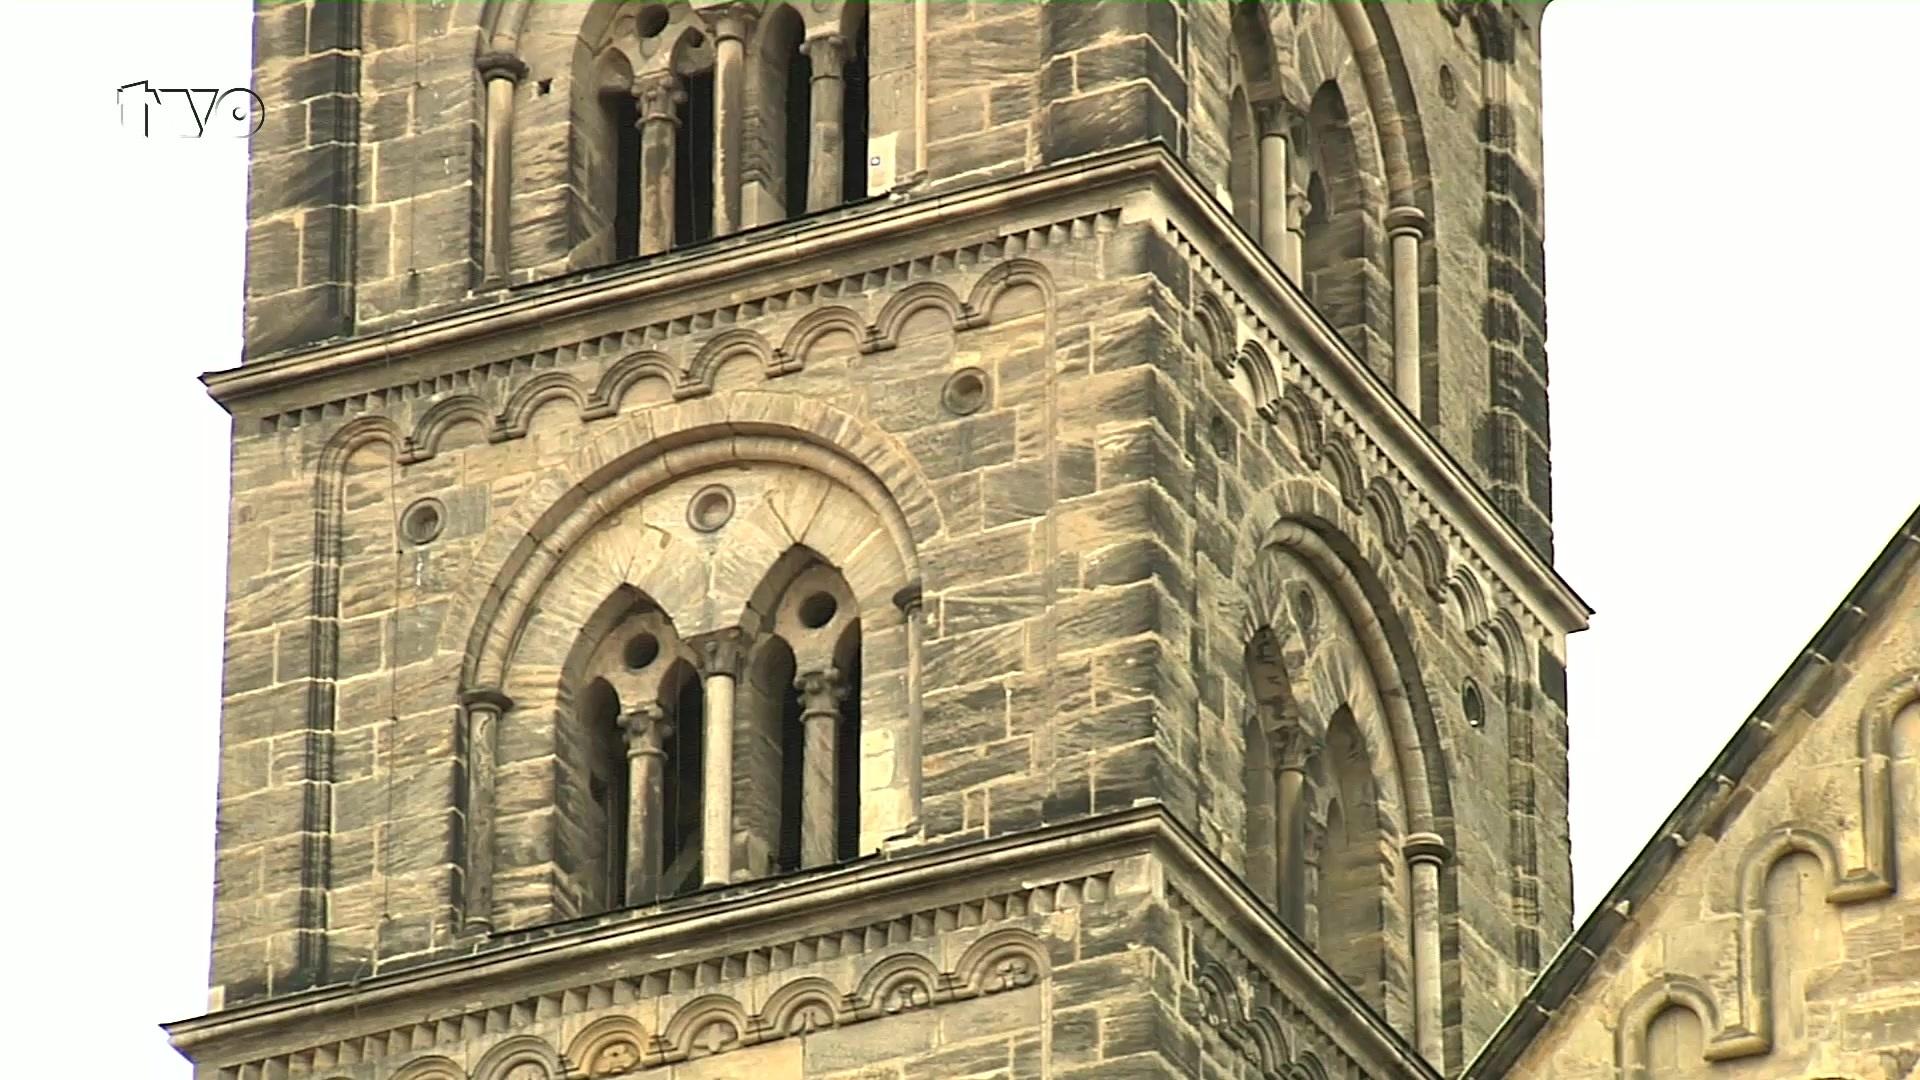 Missbrauch in der Kirche: Auch die Erzdiözese Bamberg ist betroffen ...